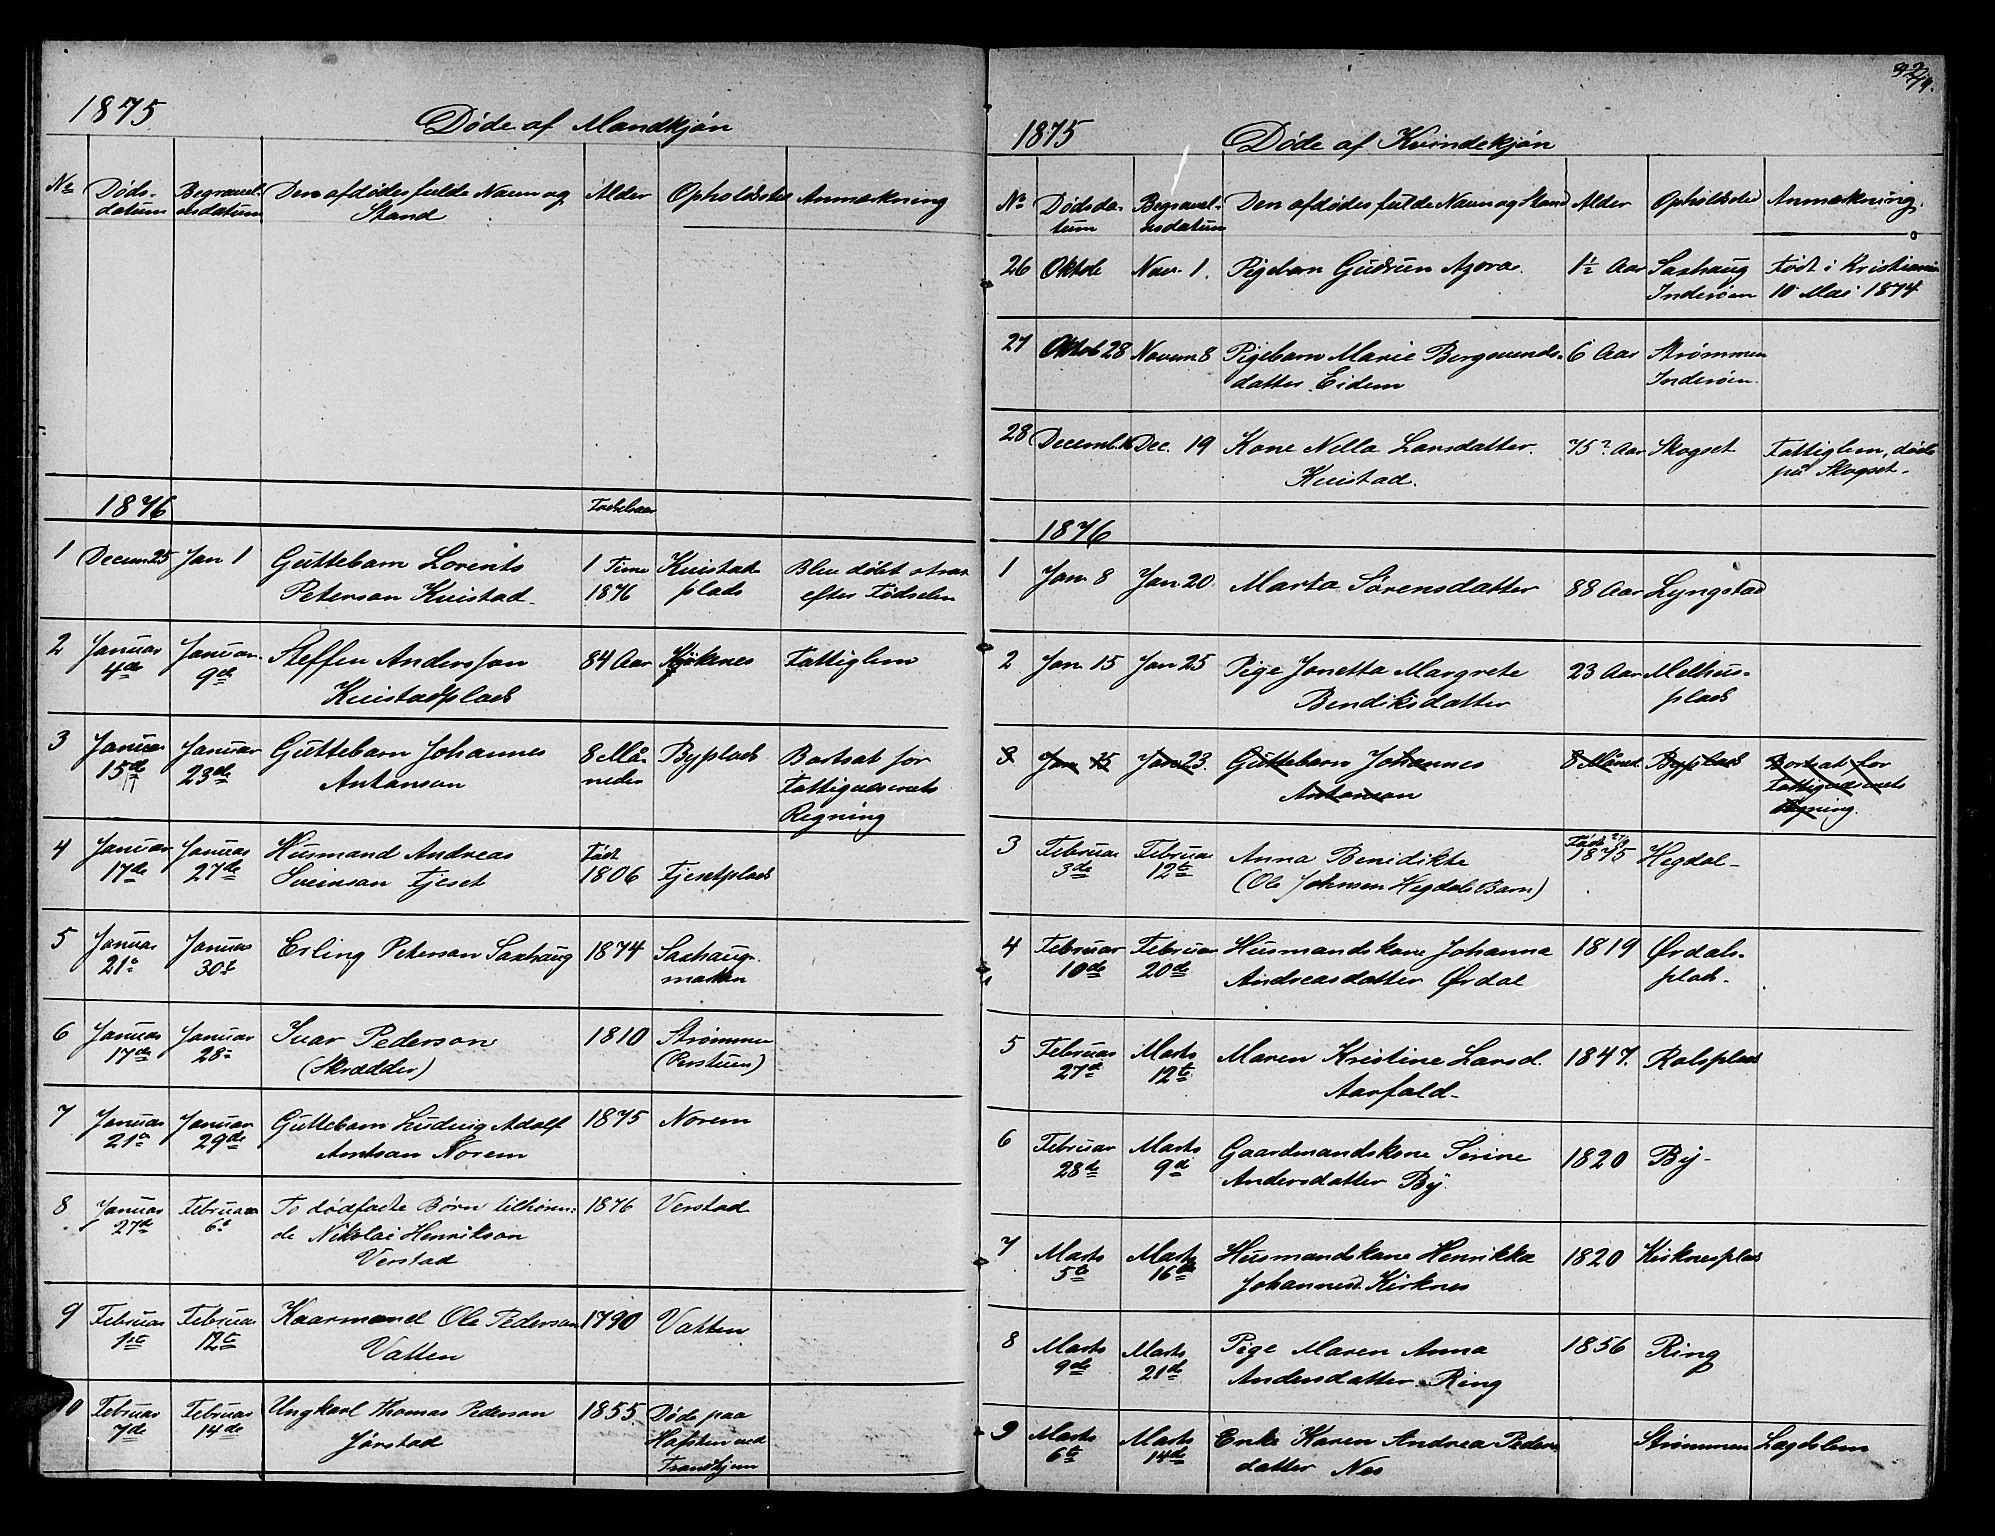 SAT, Ministerialprotokoller, klokkerbøker og fødselsregistre - Nord-Trøndelag, 730/L0300: Klokkerbok nr. 730C03, 1872-1879, s. 74